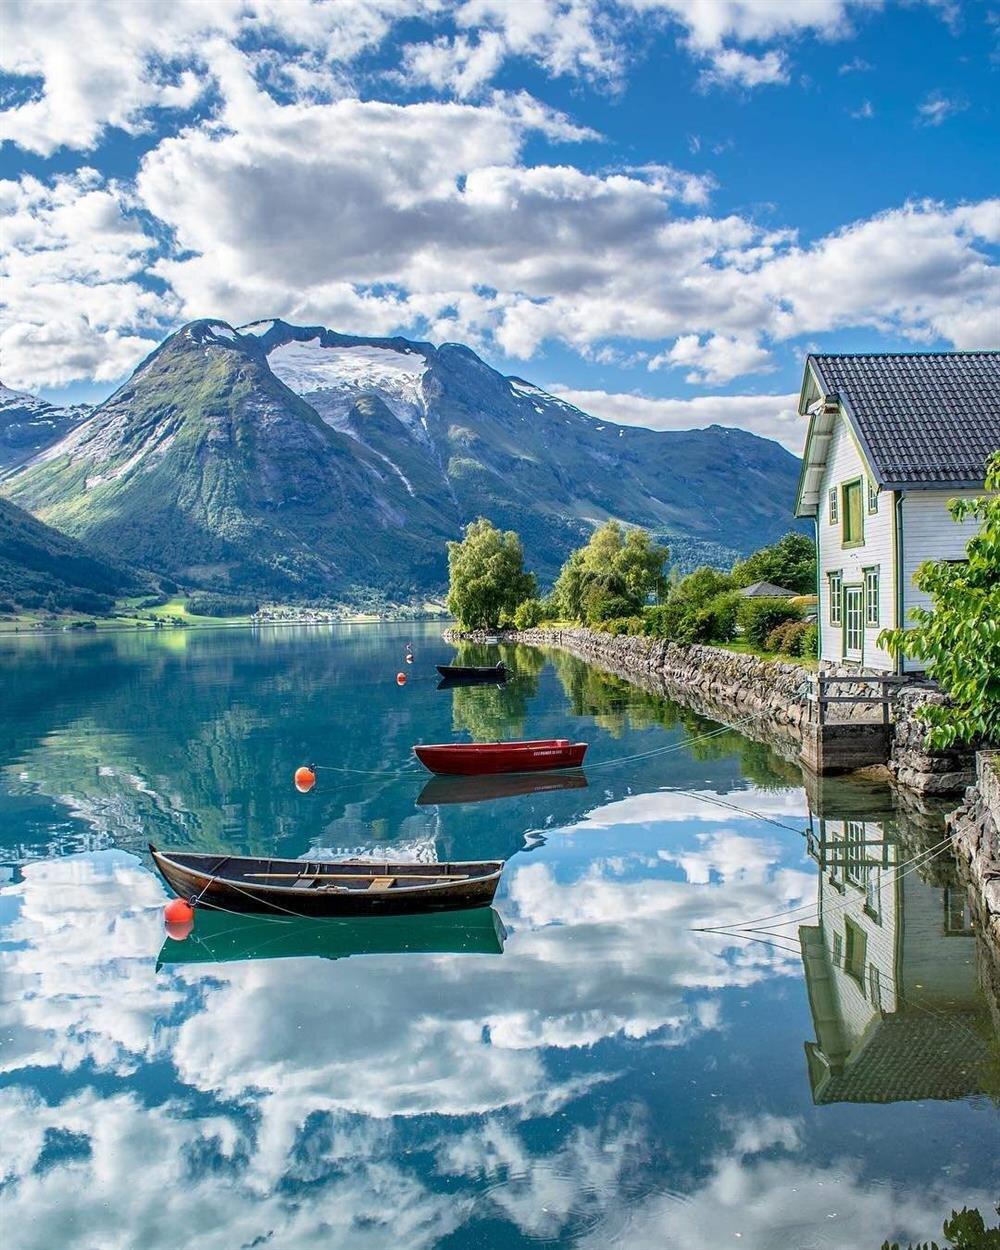 Oppstryn, Norway